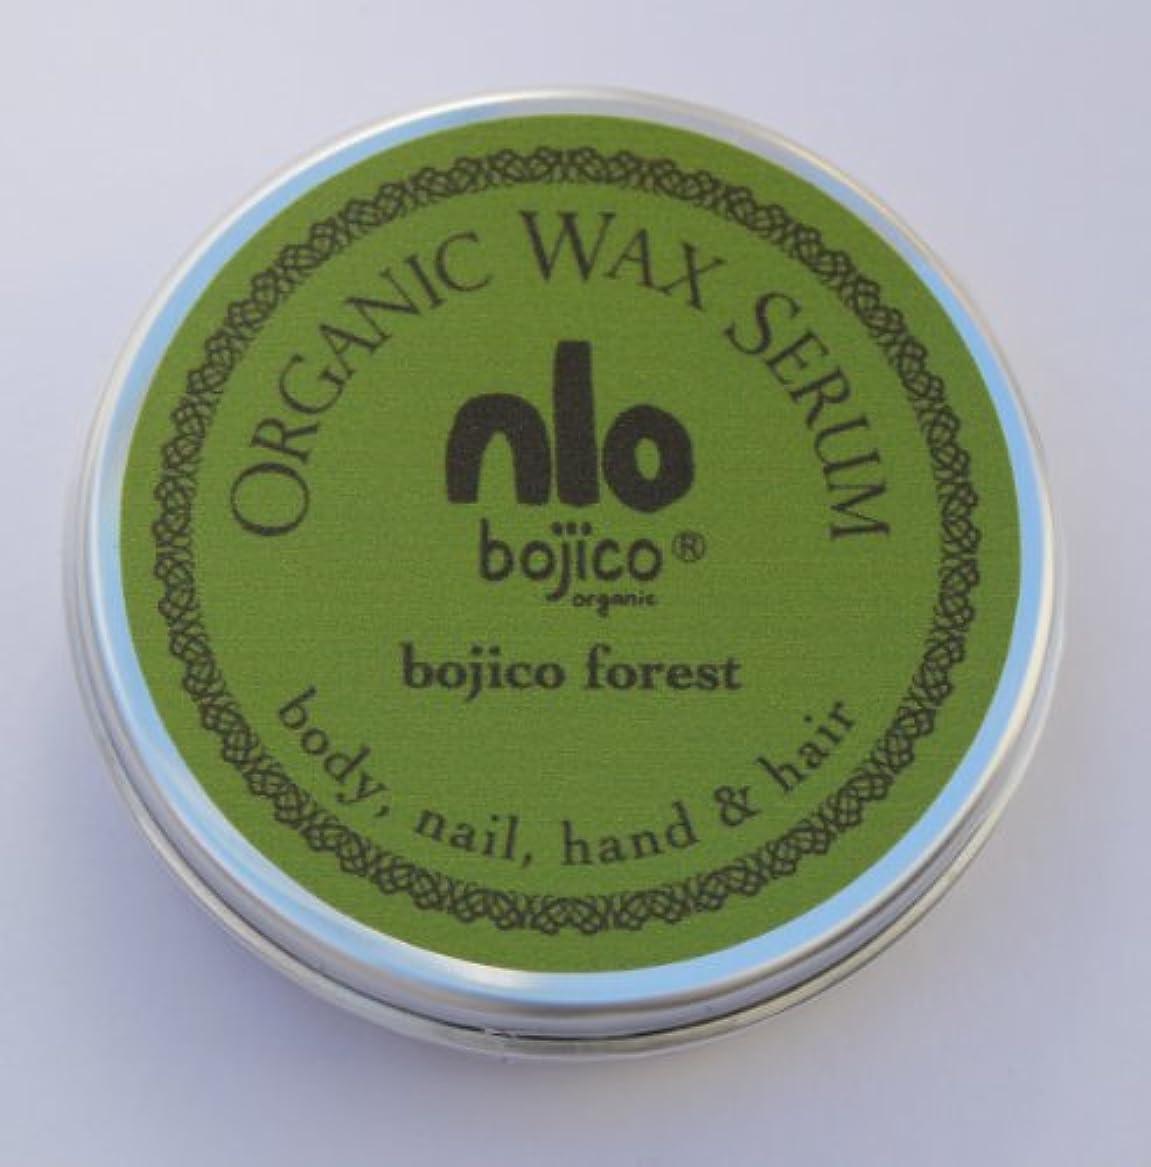 わがまましないシャッターbojico オーガニック ワックス セラム<フォレスト> Organic Wax Serum 18g